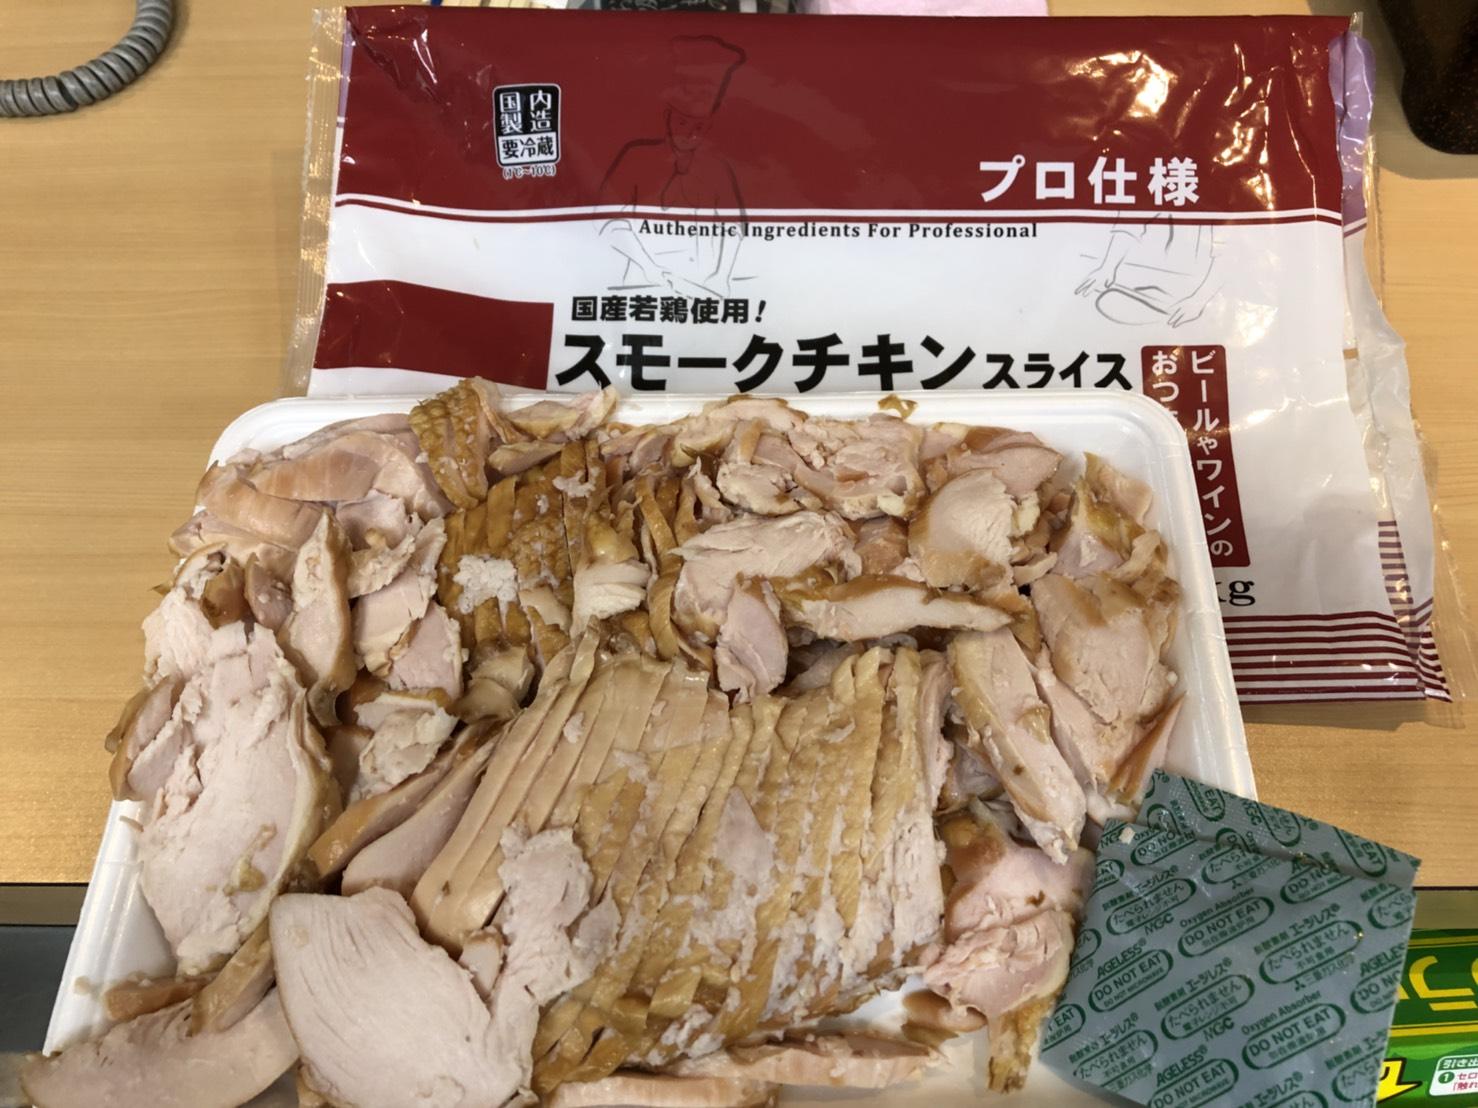 スモークチキンや残り物の鶏胸肉は混ぜやすいサイズに切ったり、割いておきましょう。